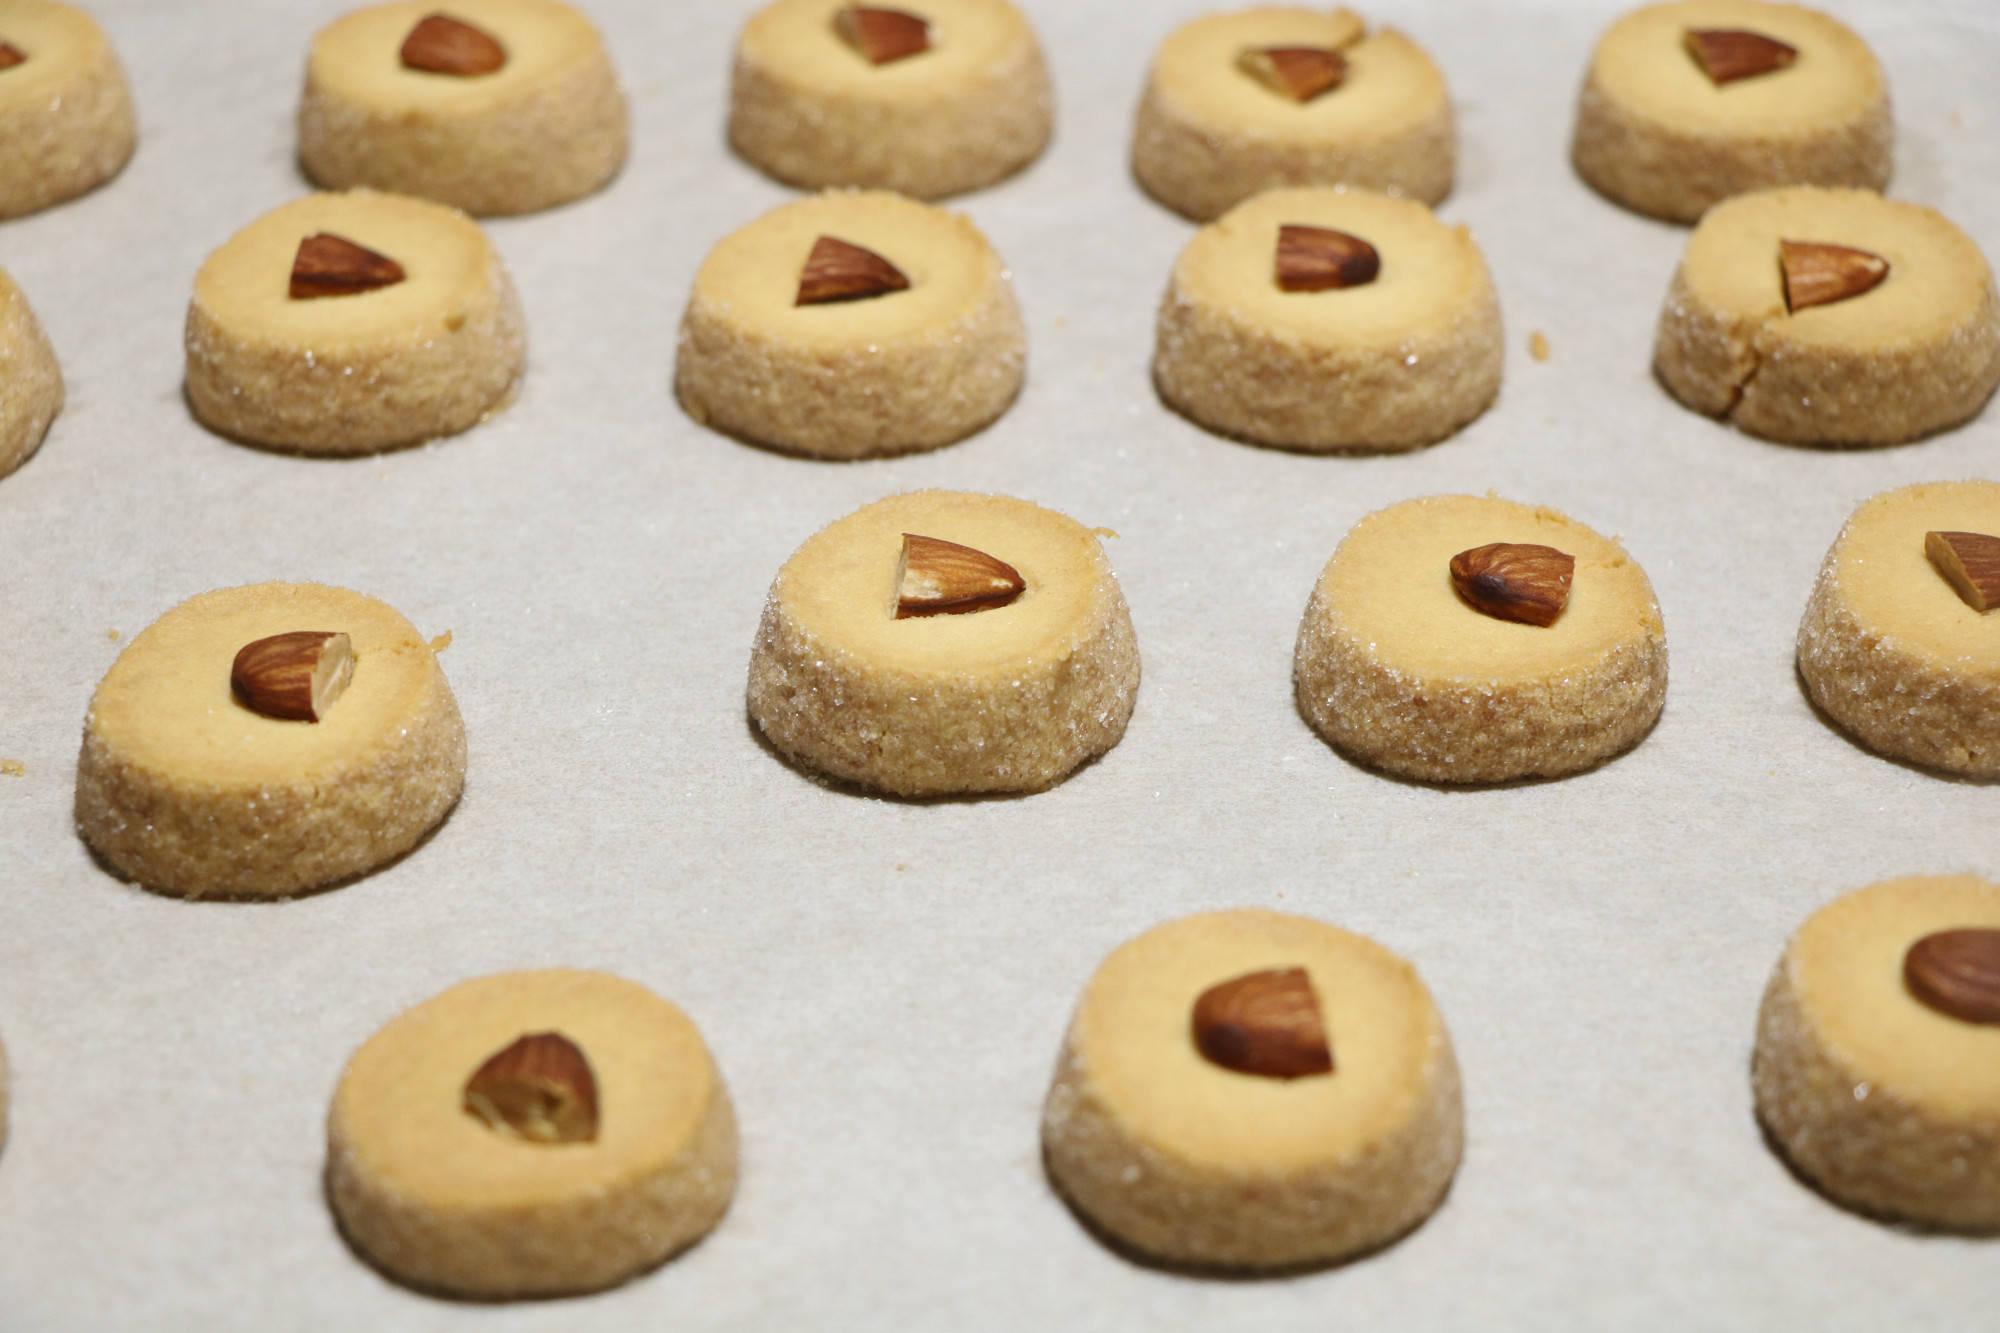 网红沙布蕾曲奇饼干,简单零失败,过年送礼特合适,好吃上档次